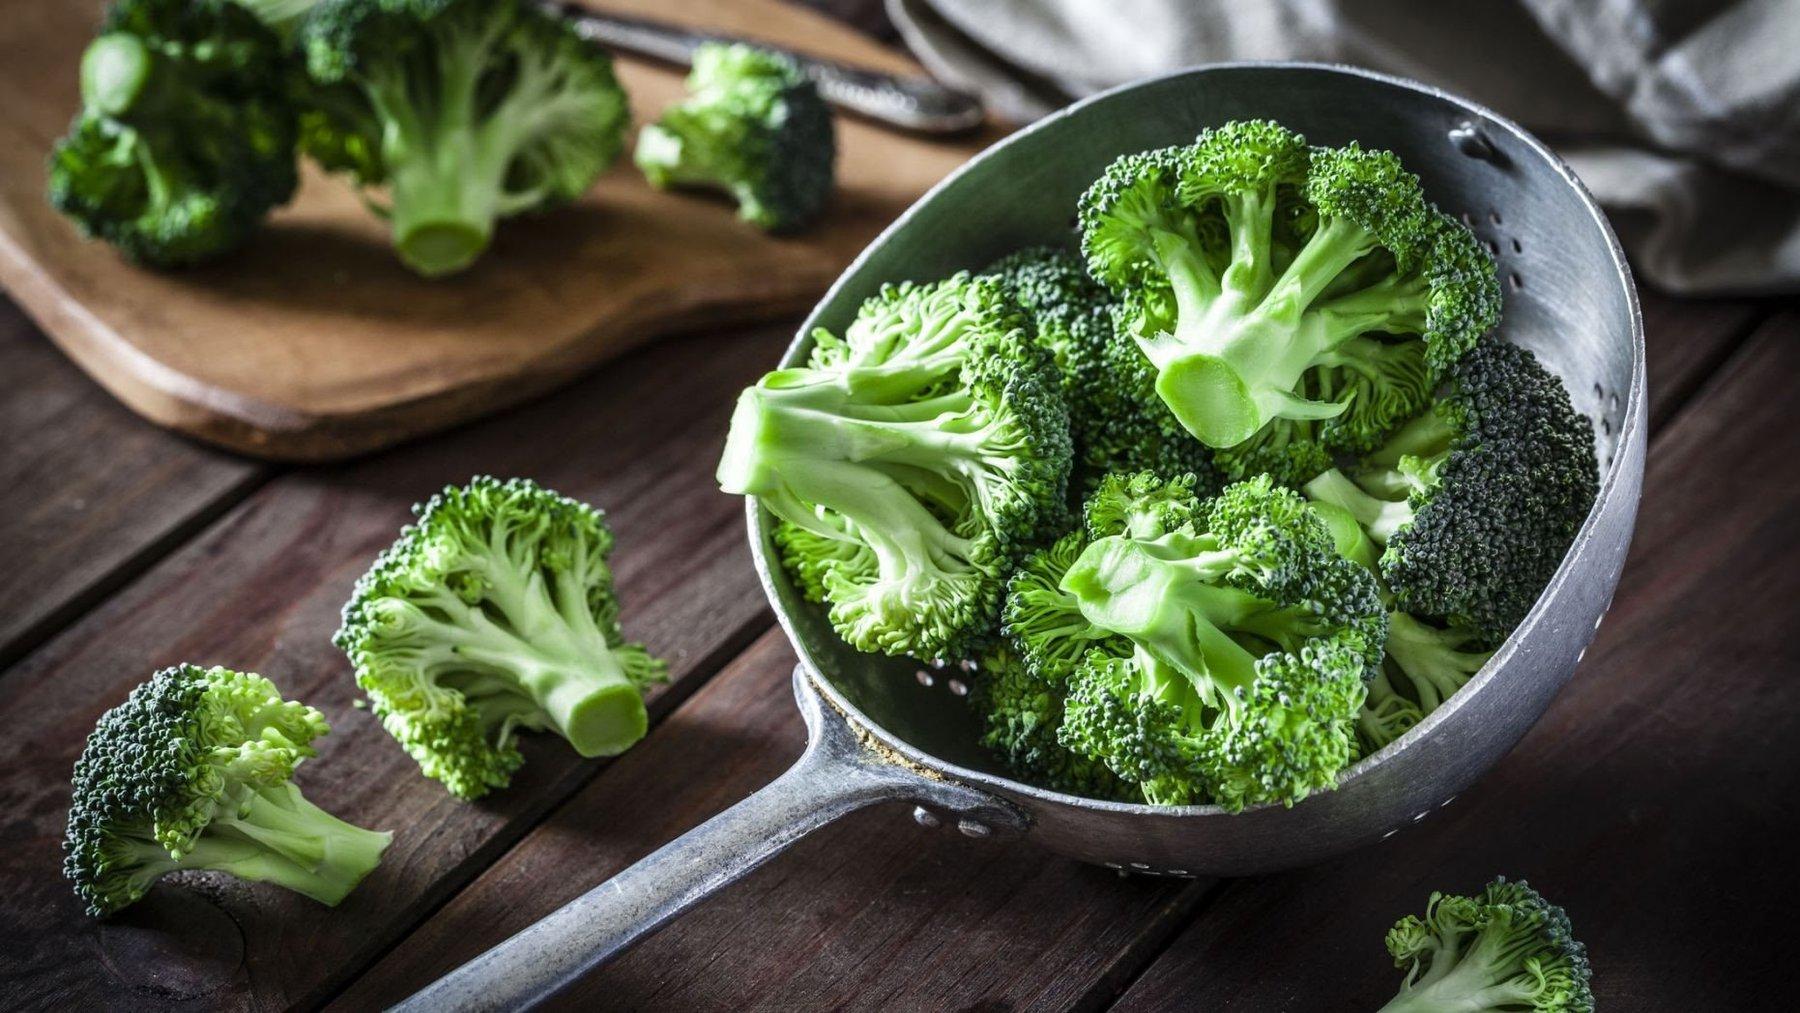 Top 10 loại thực phẩm giúp tăng cường sức đề kháng mùa dịch - Ảnh 3.